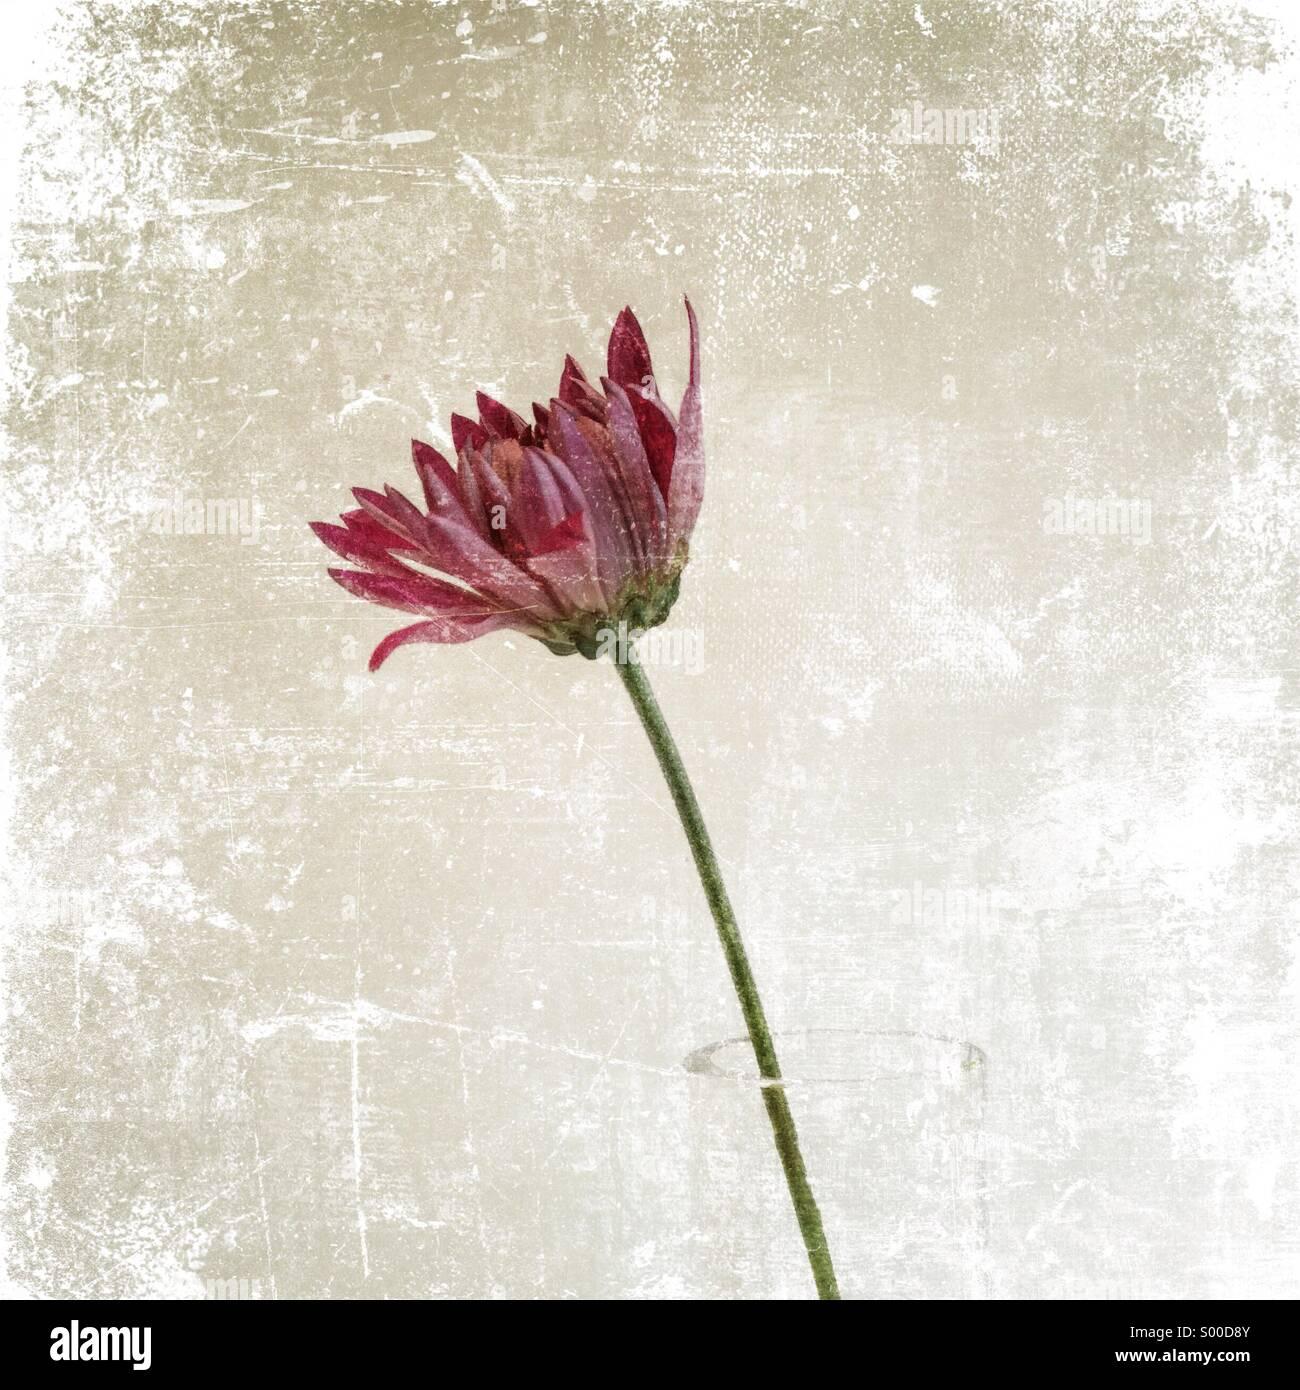 Rosa con dei fiori leggermente dishevelled petali di fiori in un vaso chiaro. Textured still life Immagini Stock